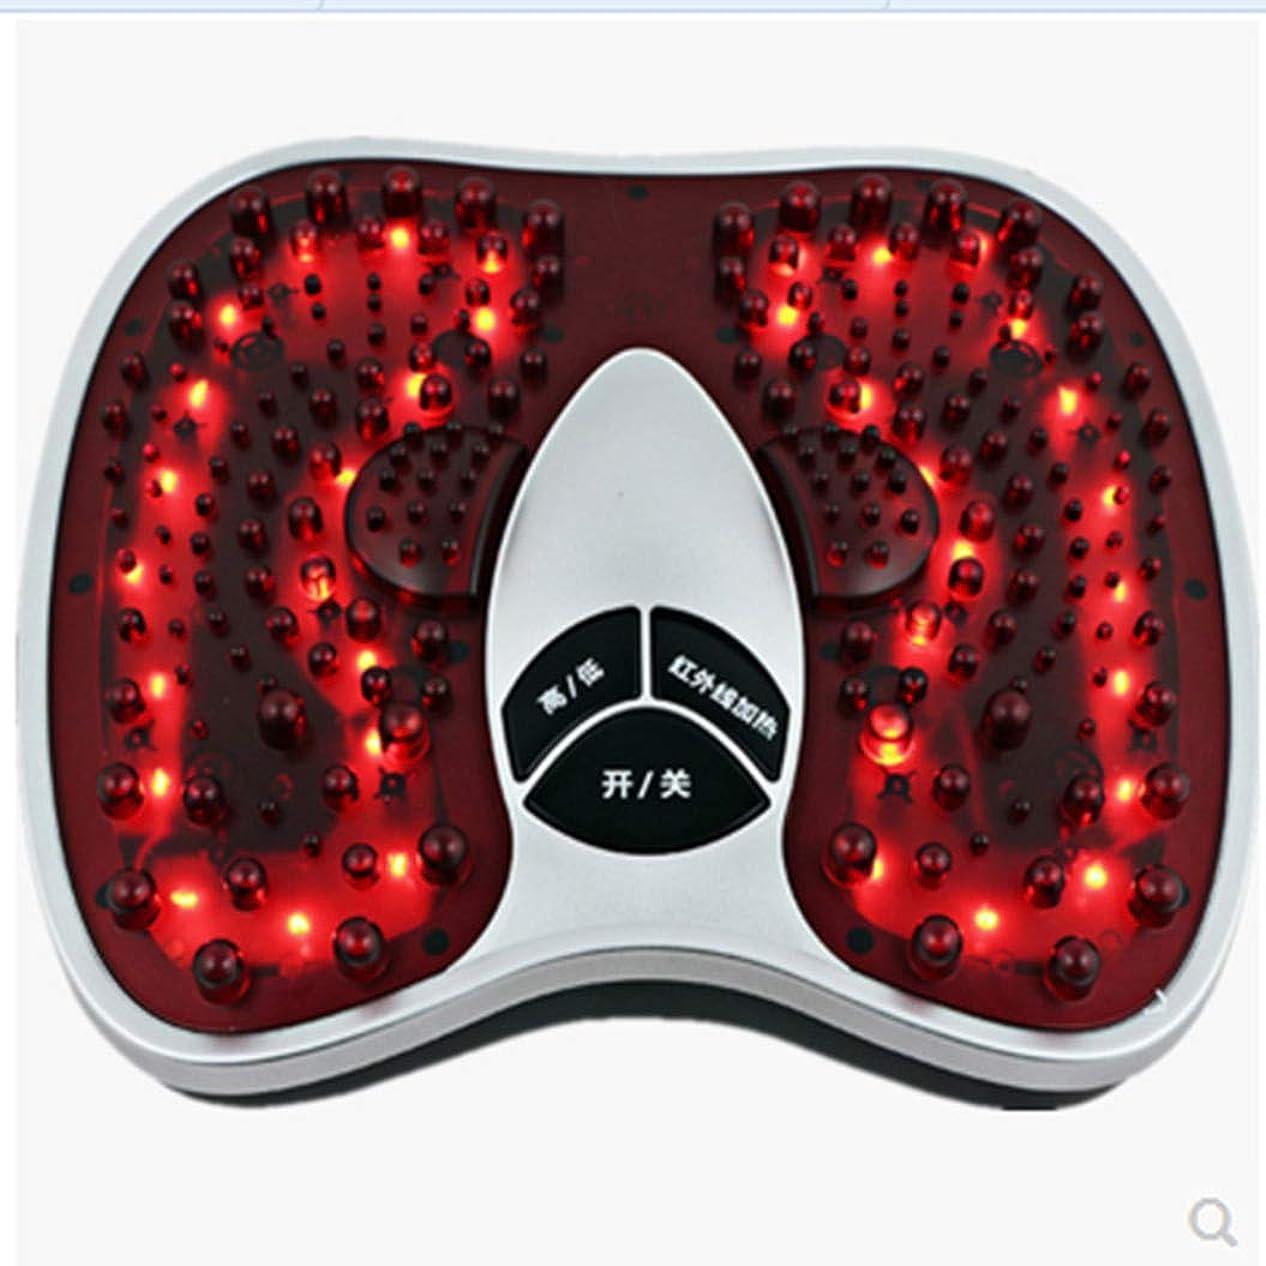 調整可能 足マッサージ、熱の改善、循環の改善、202マッサージヘッドのf、硬い筋肉の柔らかさ、鎮痛トリートメント リラックス, red